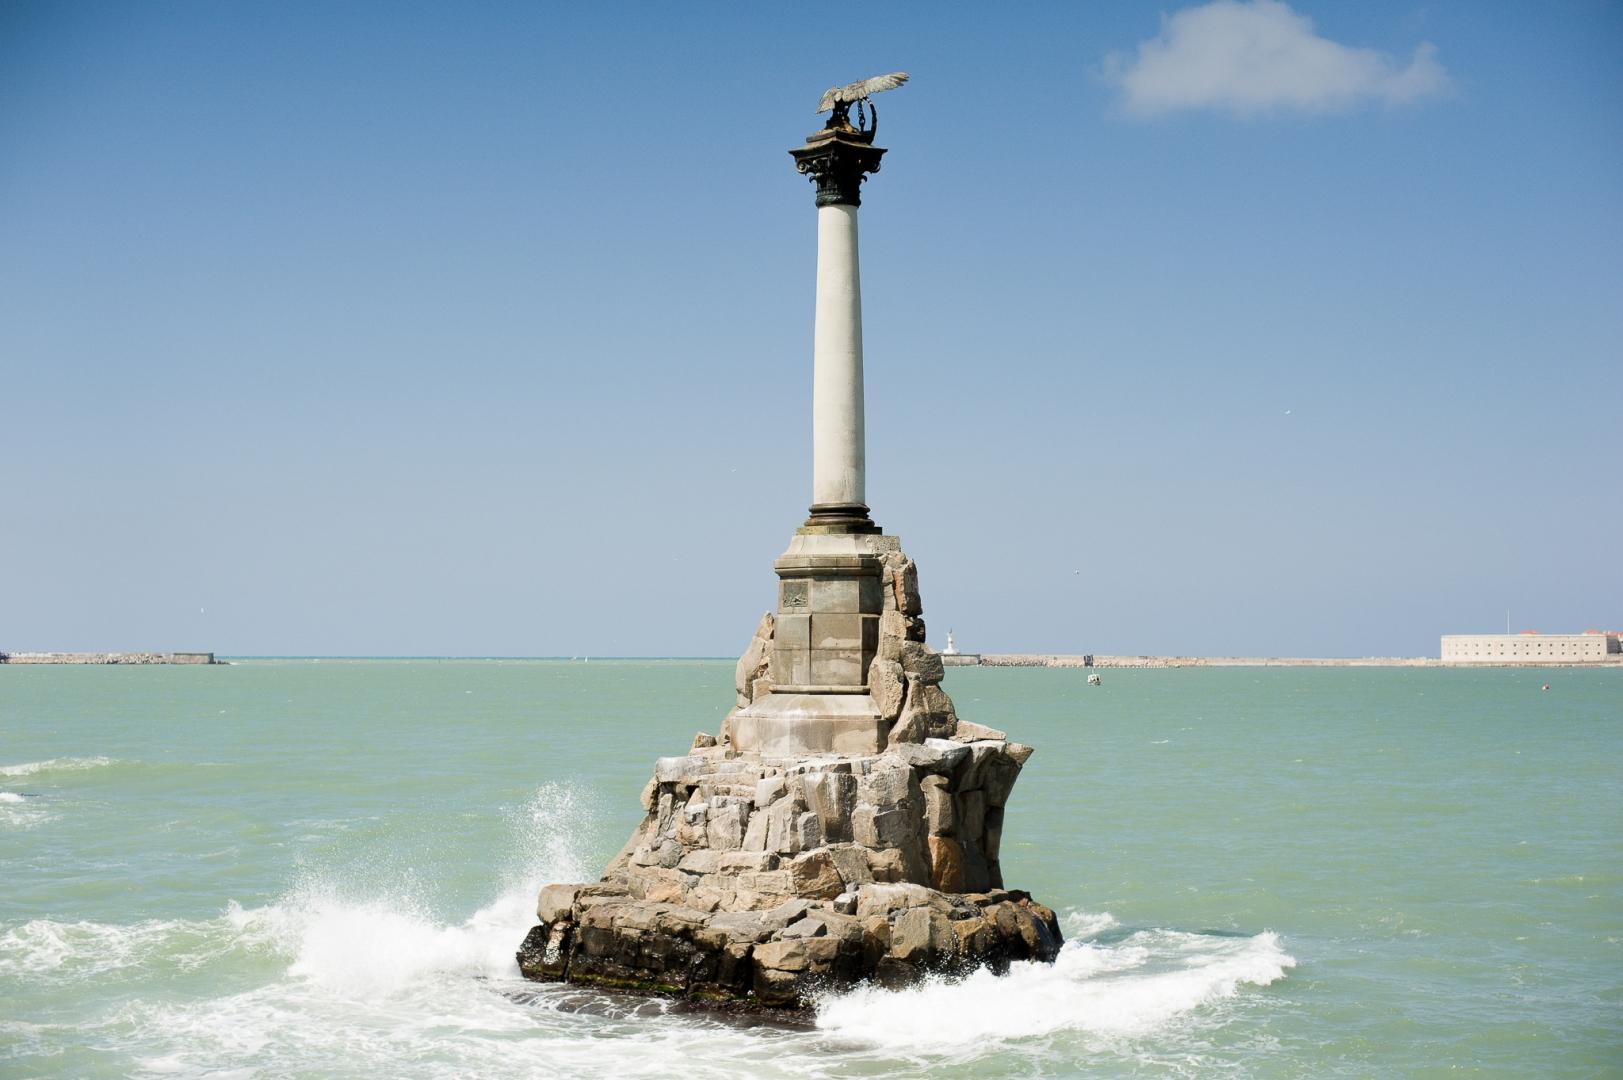 Смешных царей, памятник затопленным кораблям картинки